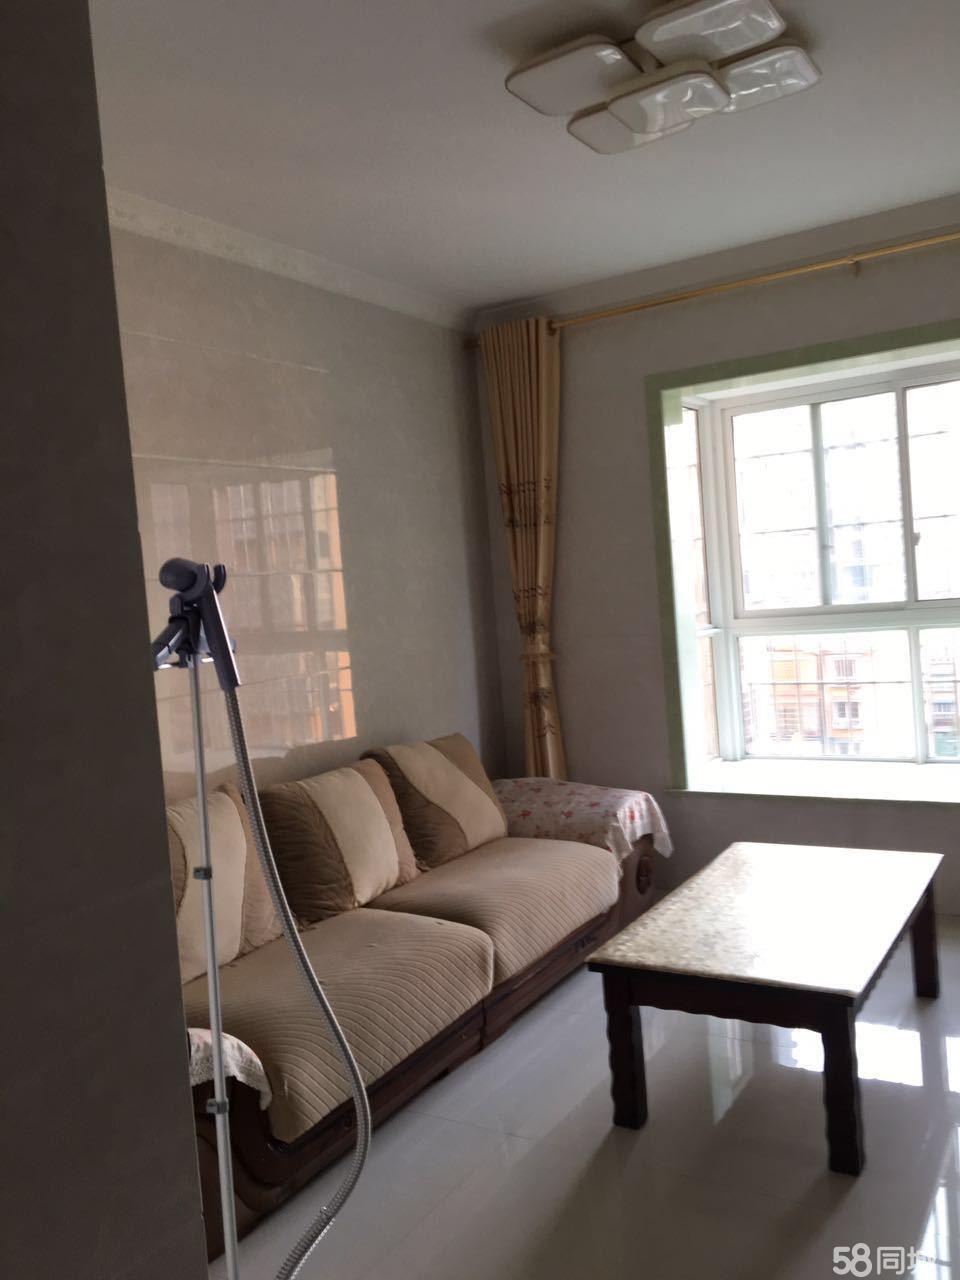 泸县蓝山公馆2室2厅89平米中等装修半年付